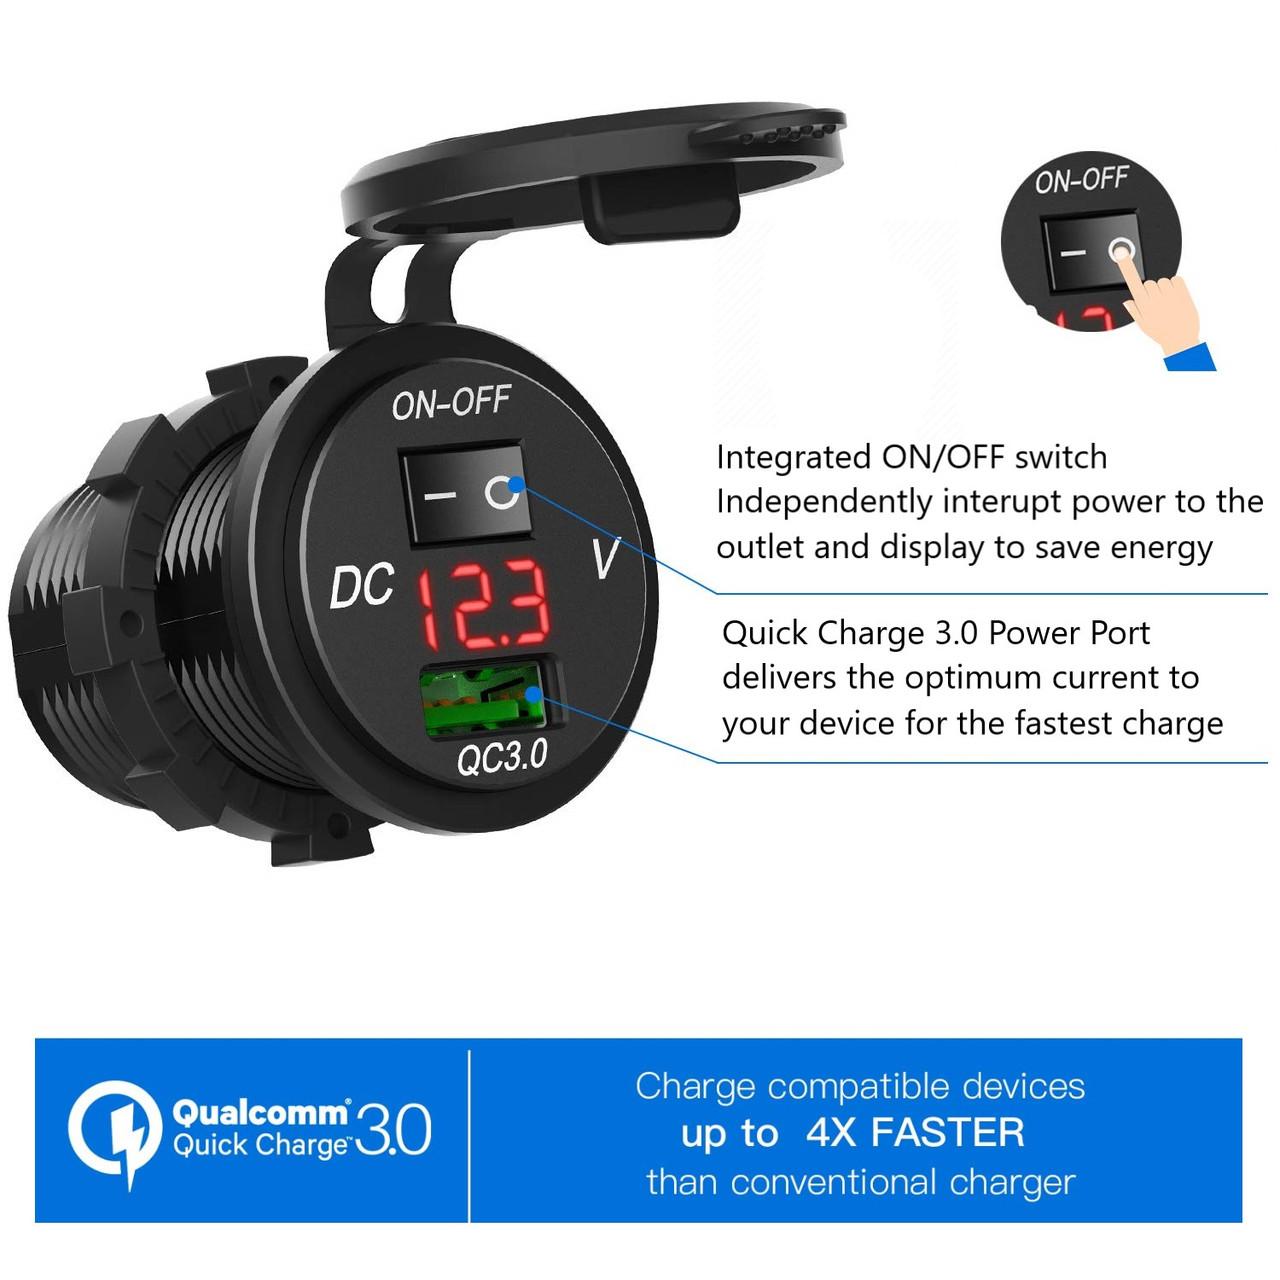 12V or 24V USB Charging Port for tablets and phone